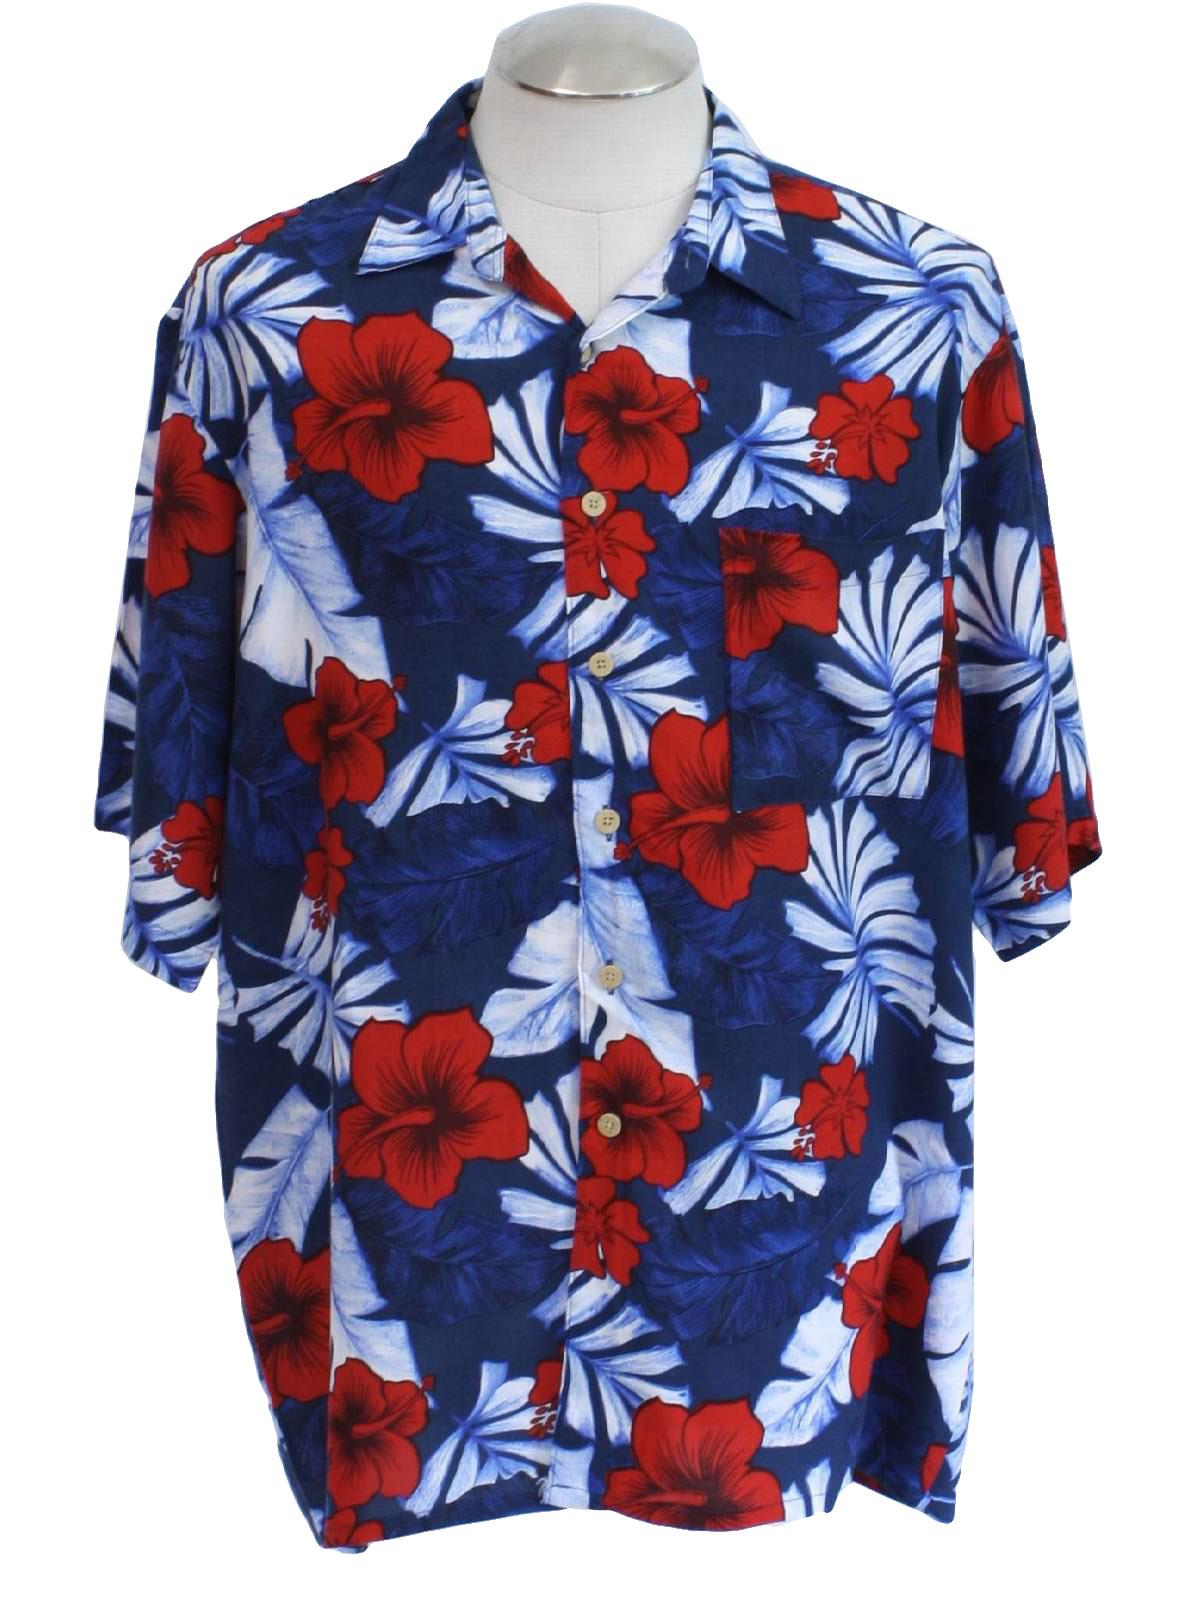 vintage hana bay eighties hawaiian shirt 80s hana bay